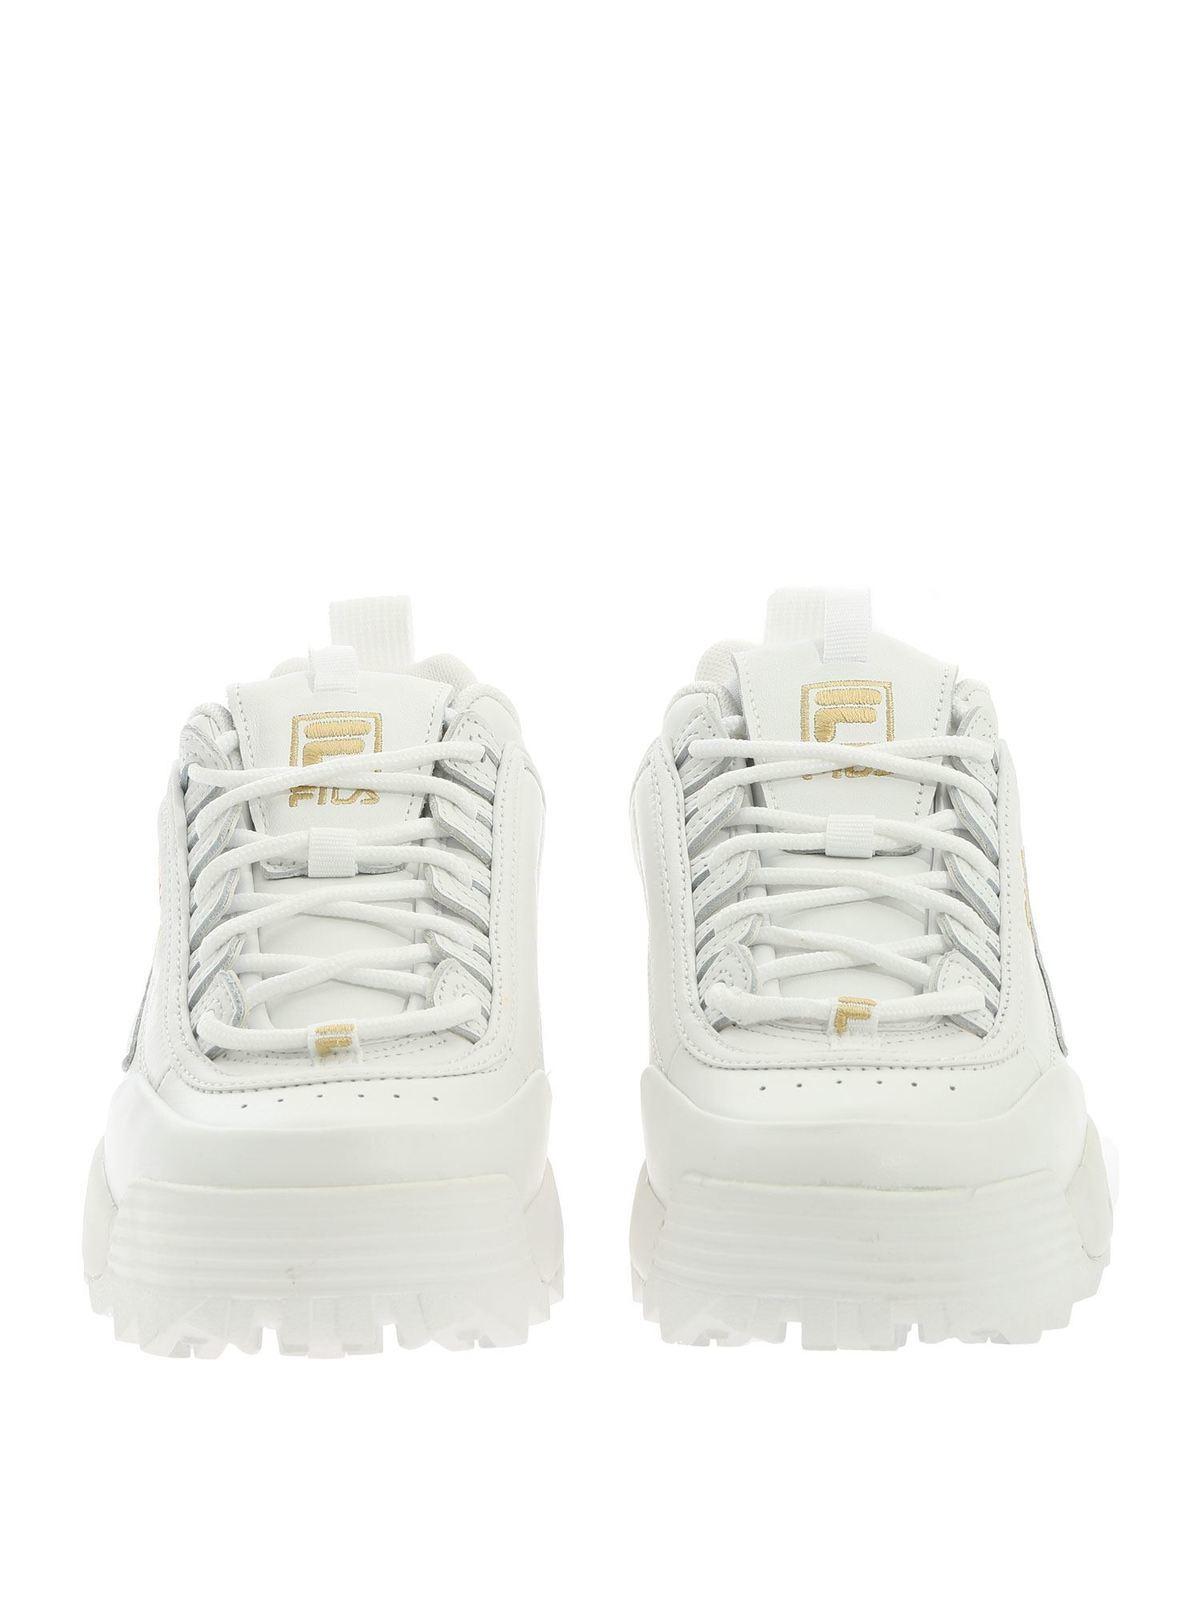 Fila - Disruptor Premium sneakers in